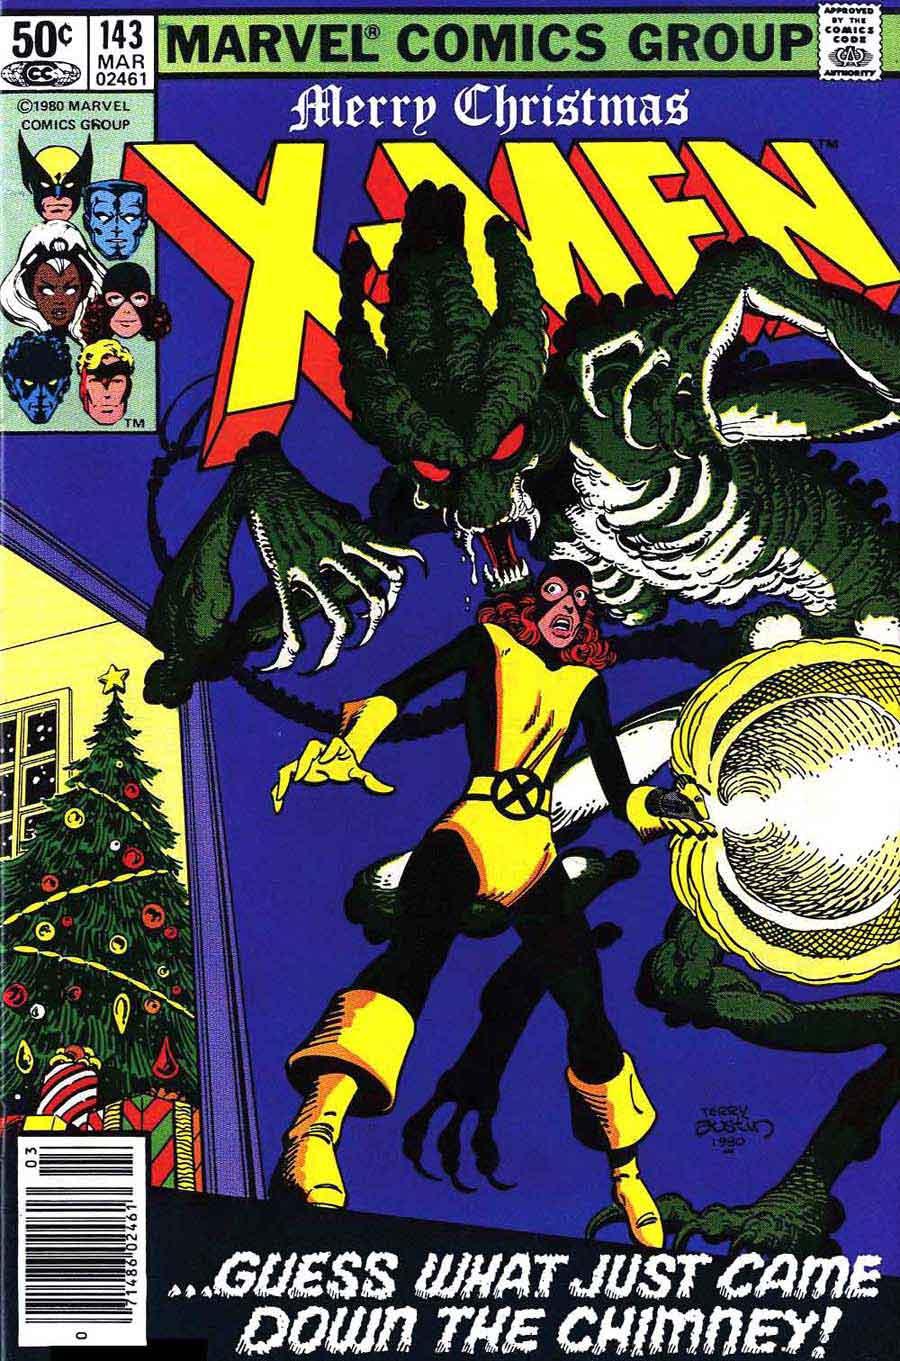 X-men v1 #143 marvel comic book cover art by John Byrne